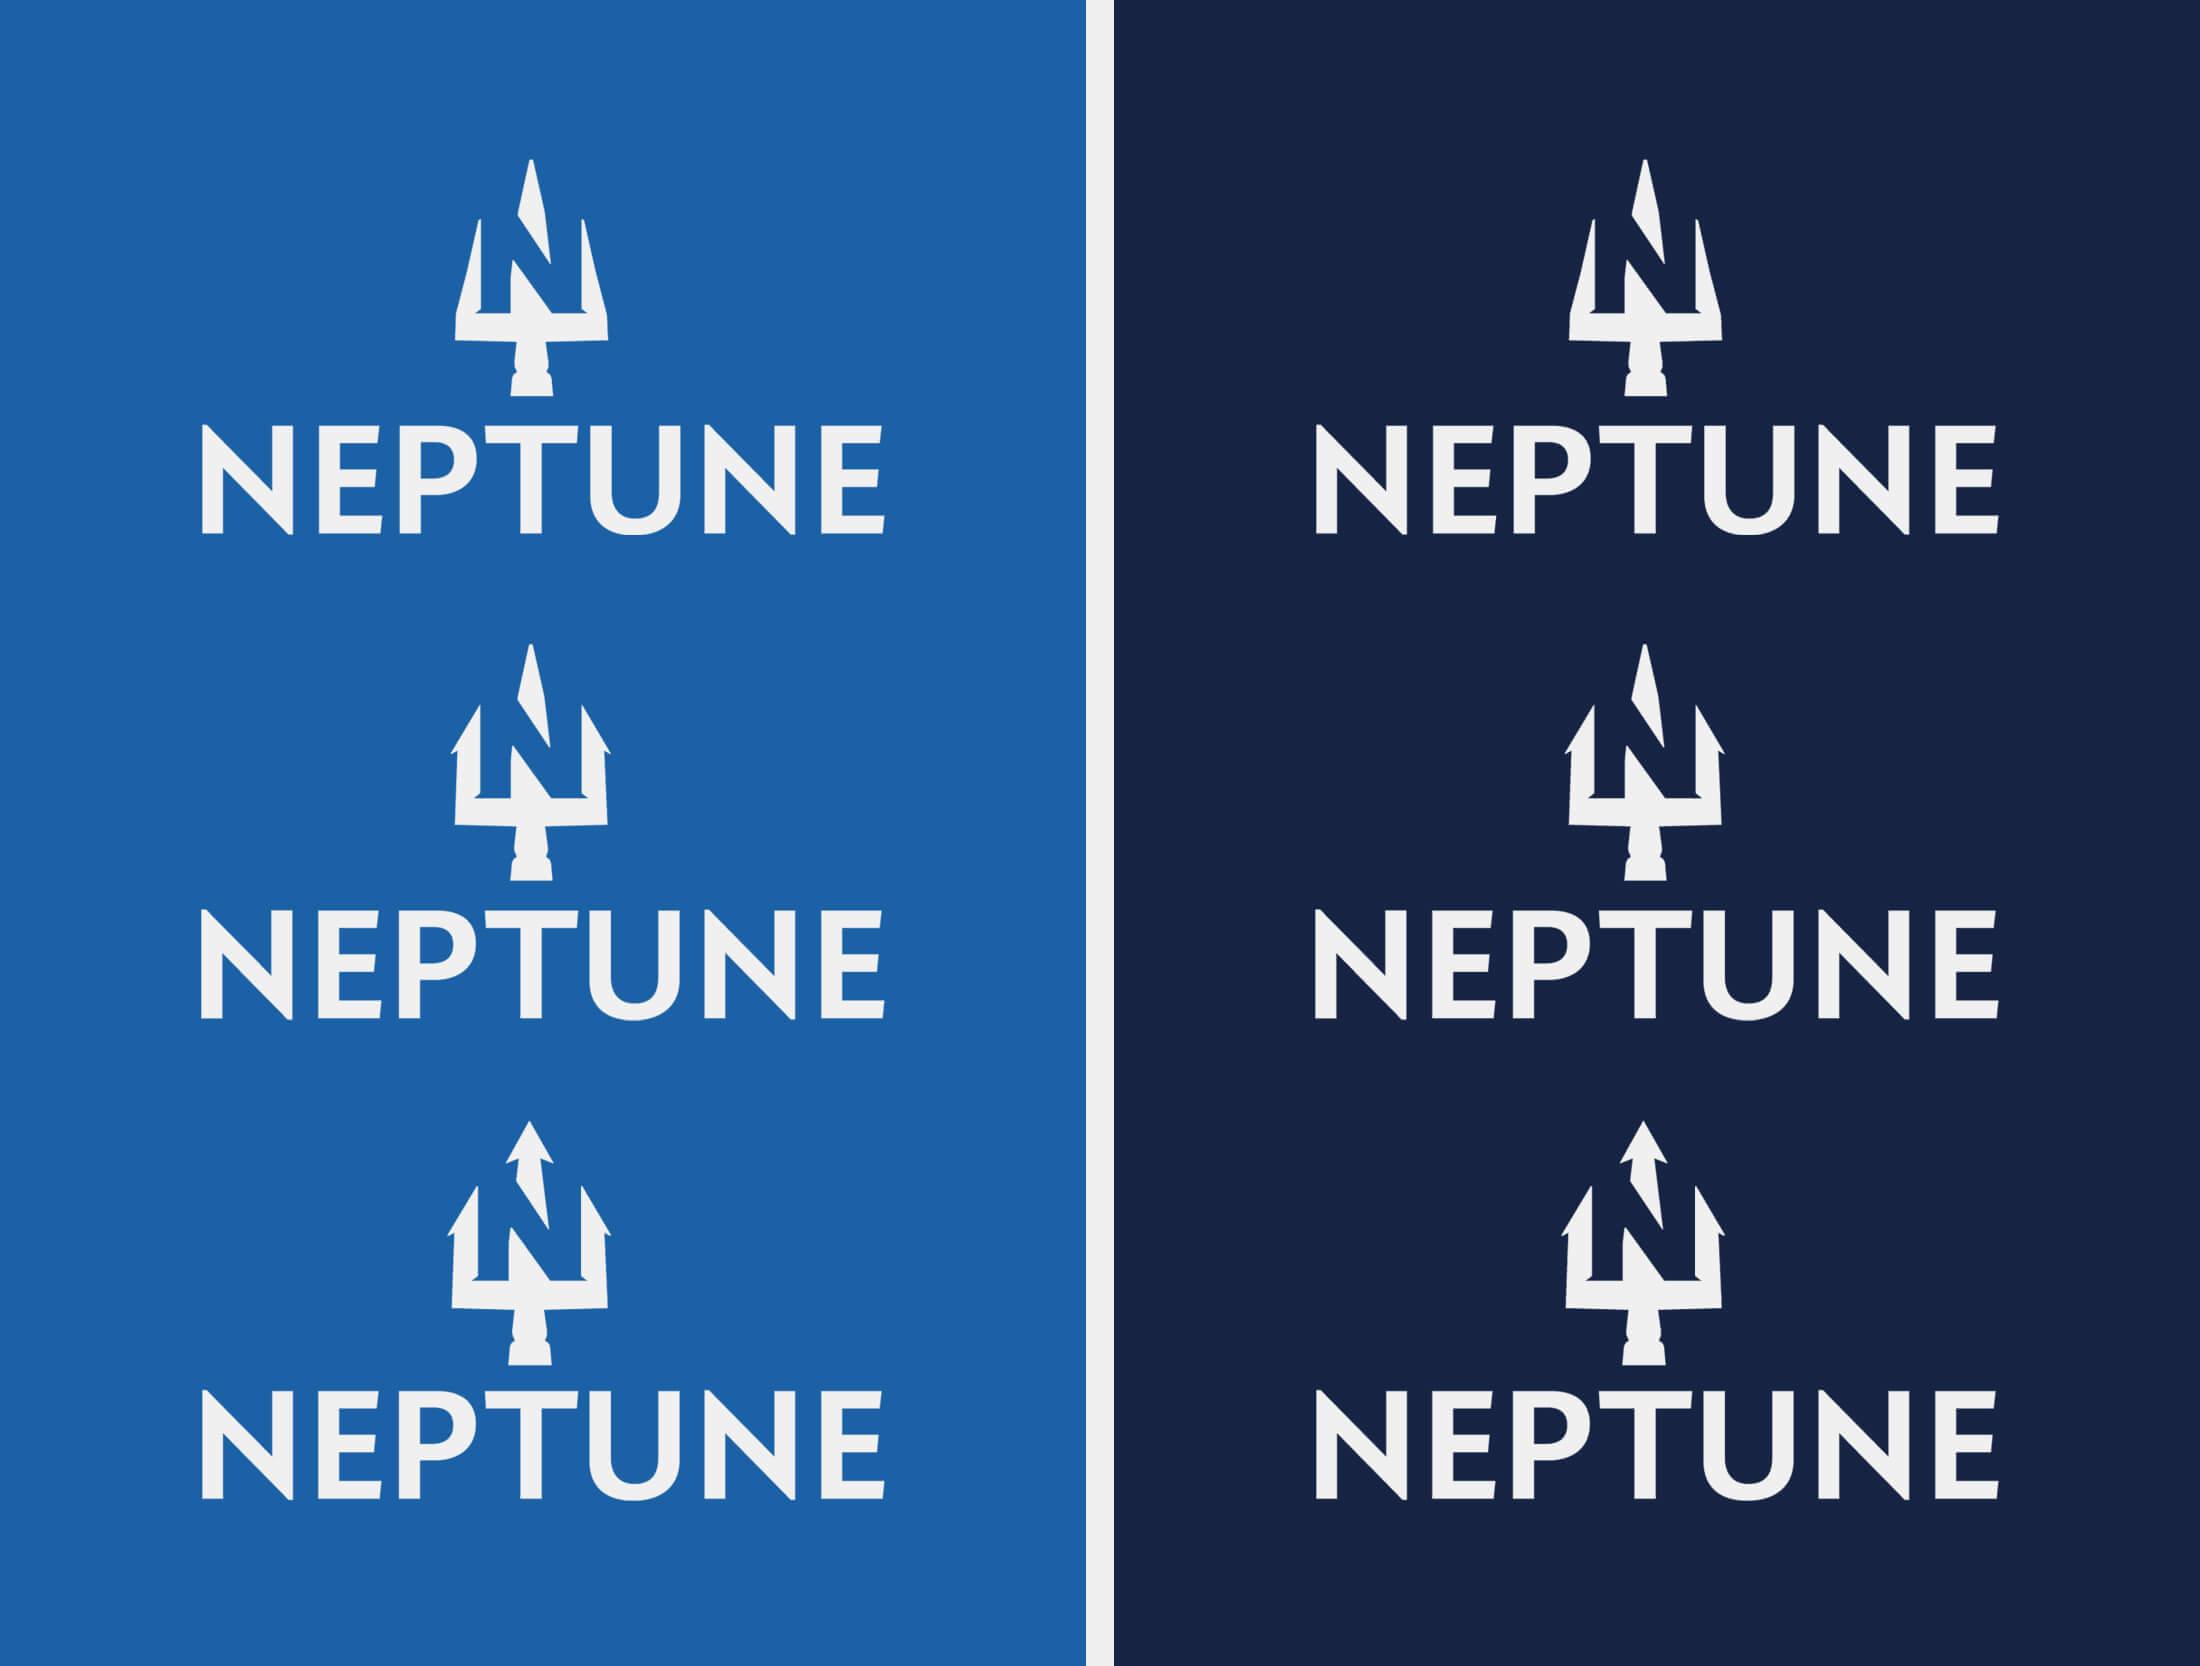 Startup Branding Logo Design progress imges for Neptune